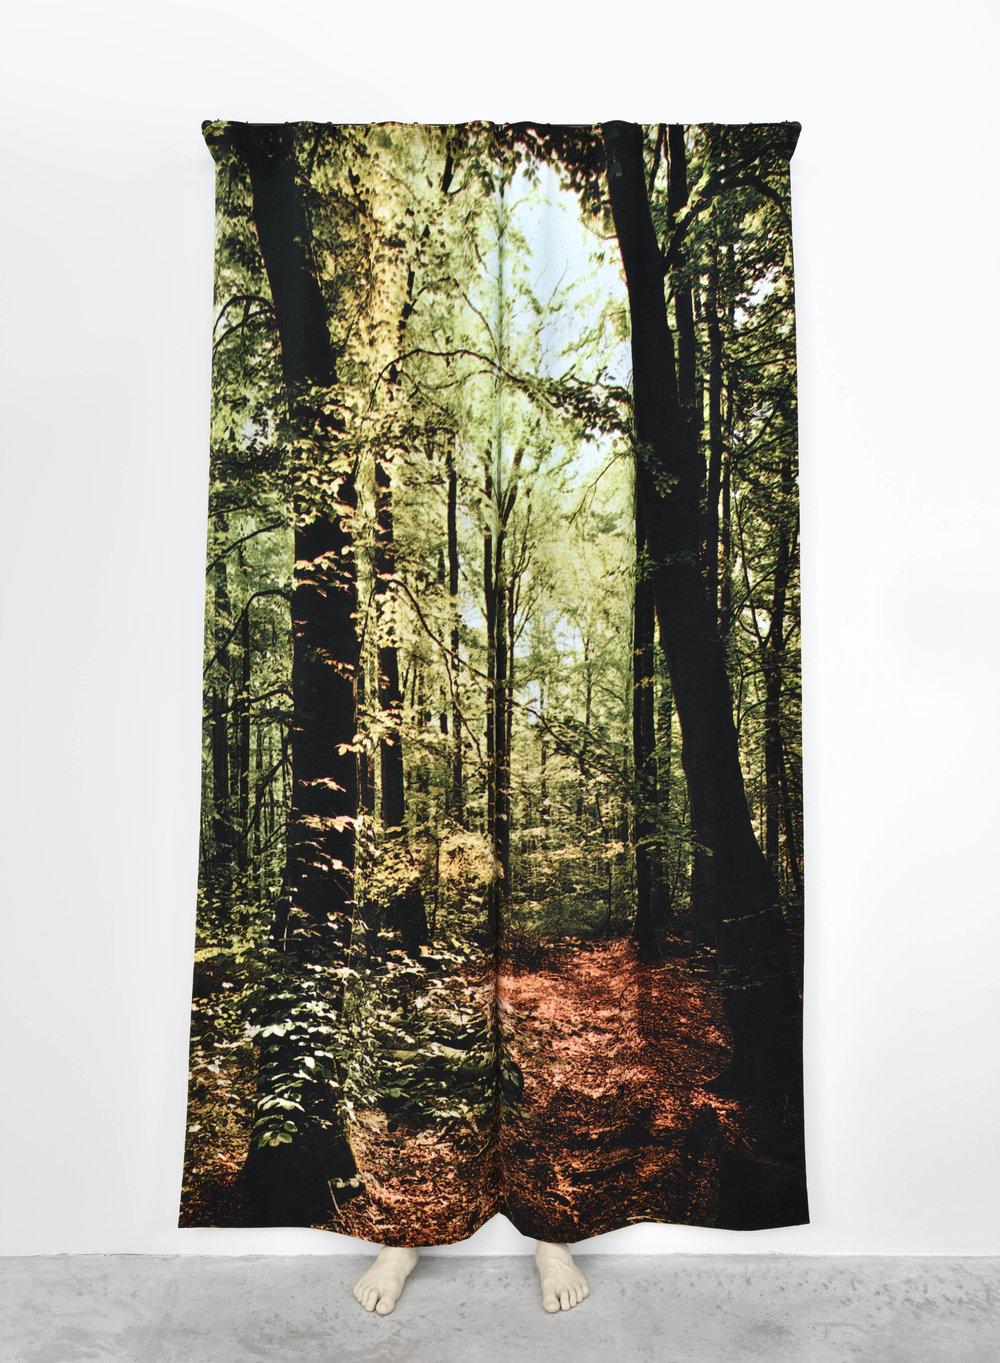 Pierre Ardouvin  La nuit n'est pas finie (forêt) , 2018 print on velvet, rod, fasteners, resin molding 100 13/32 x 47 1/4 x 15 3/4 in (255 x 120 x 40 cm)